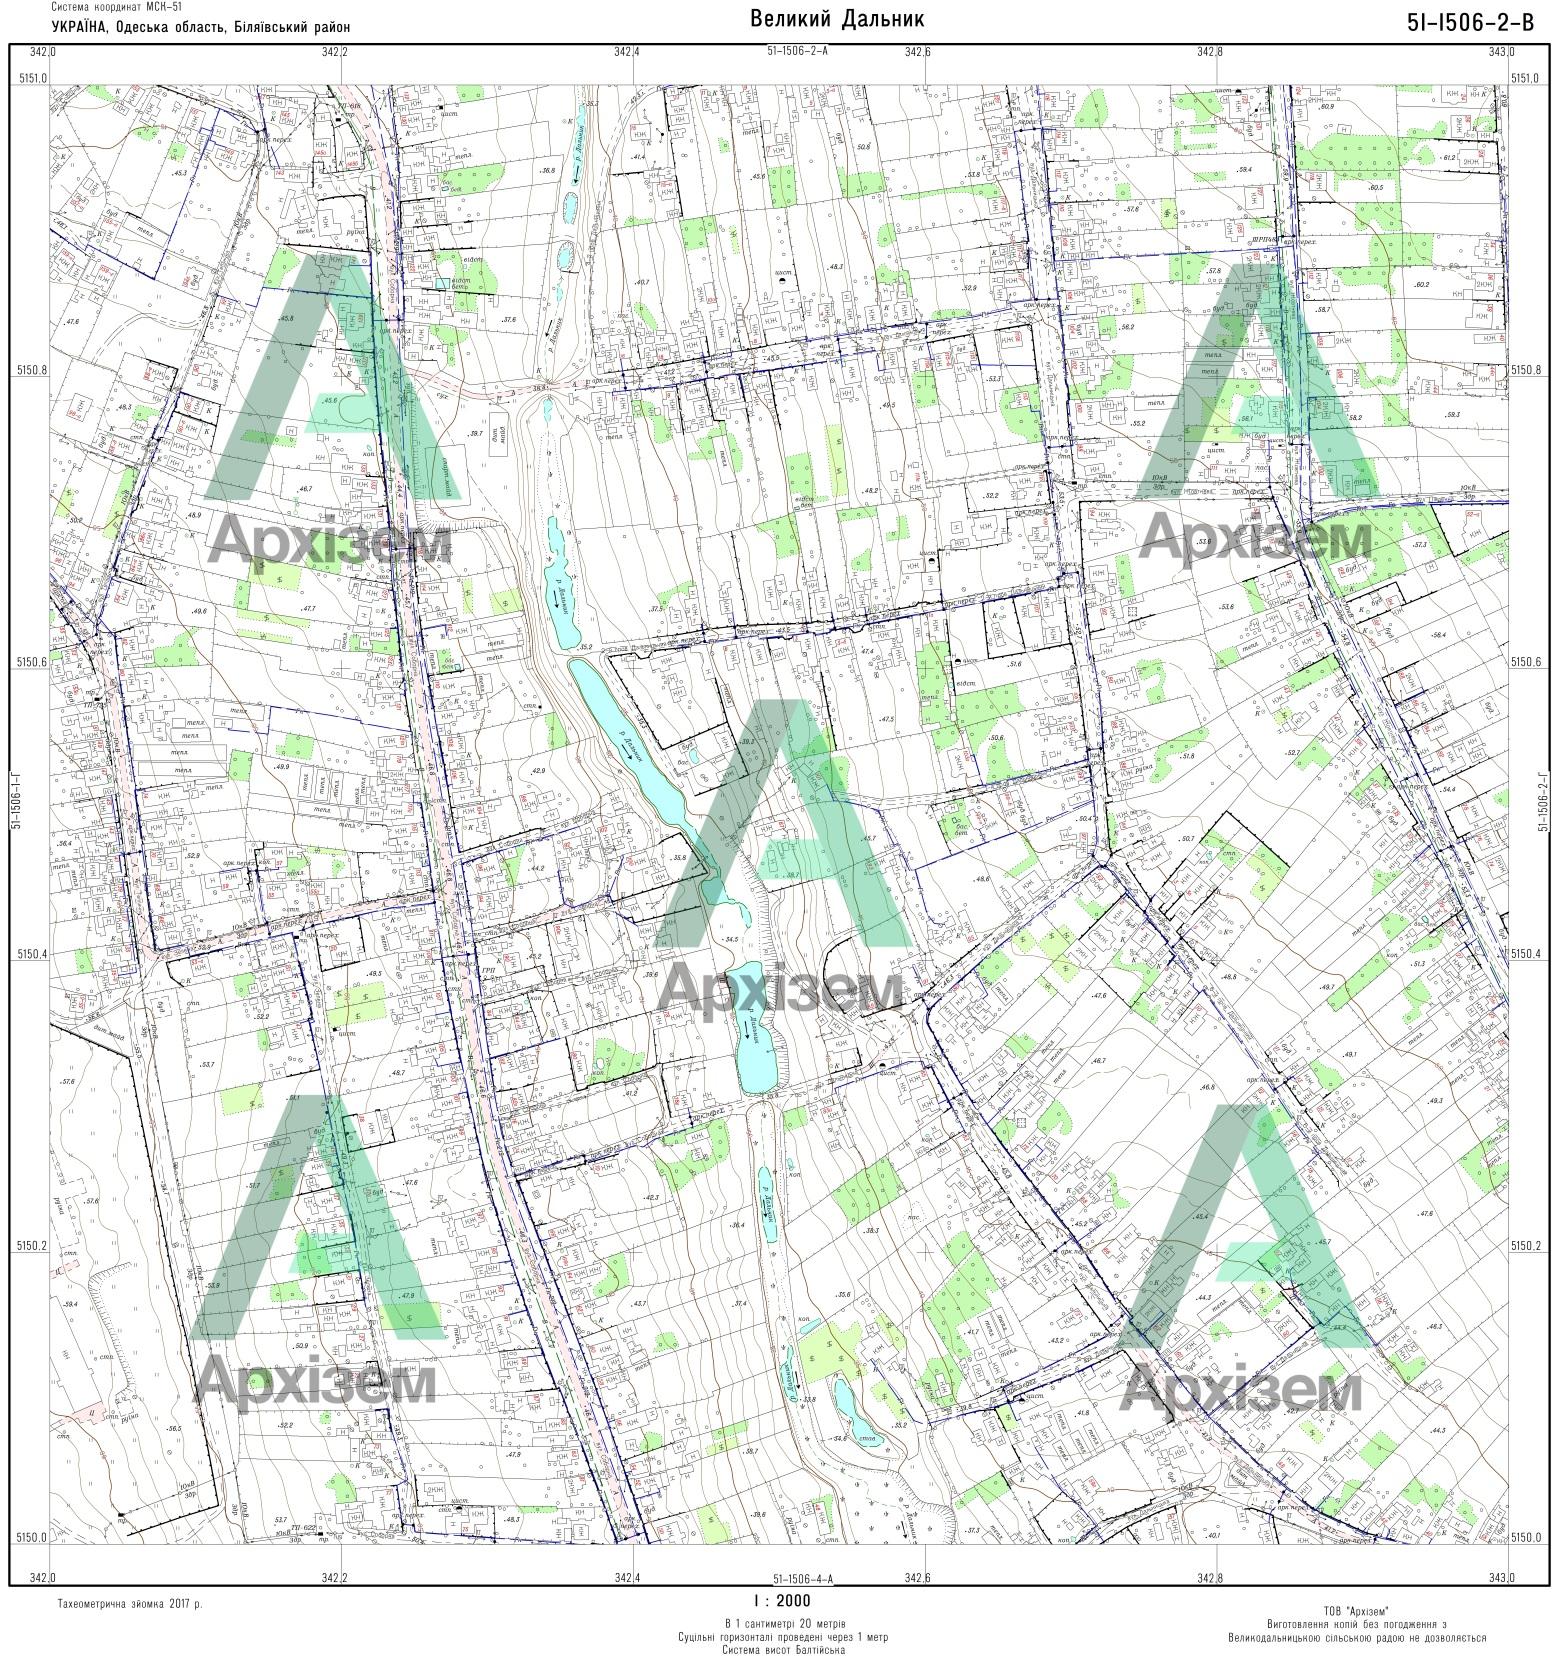 Номенклатурний лист топографічного плану М 1:2000 с. Великий Дальник